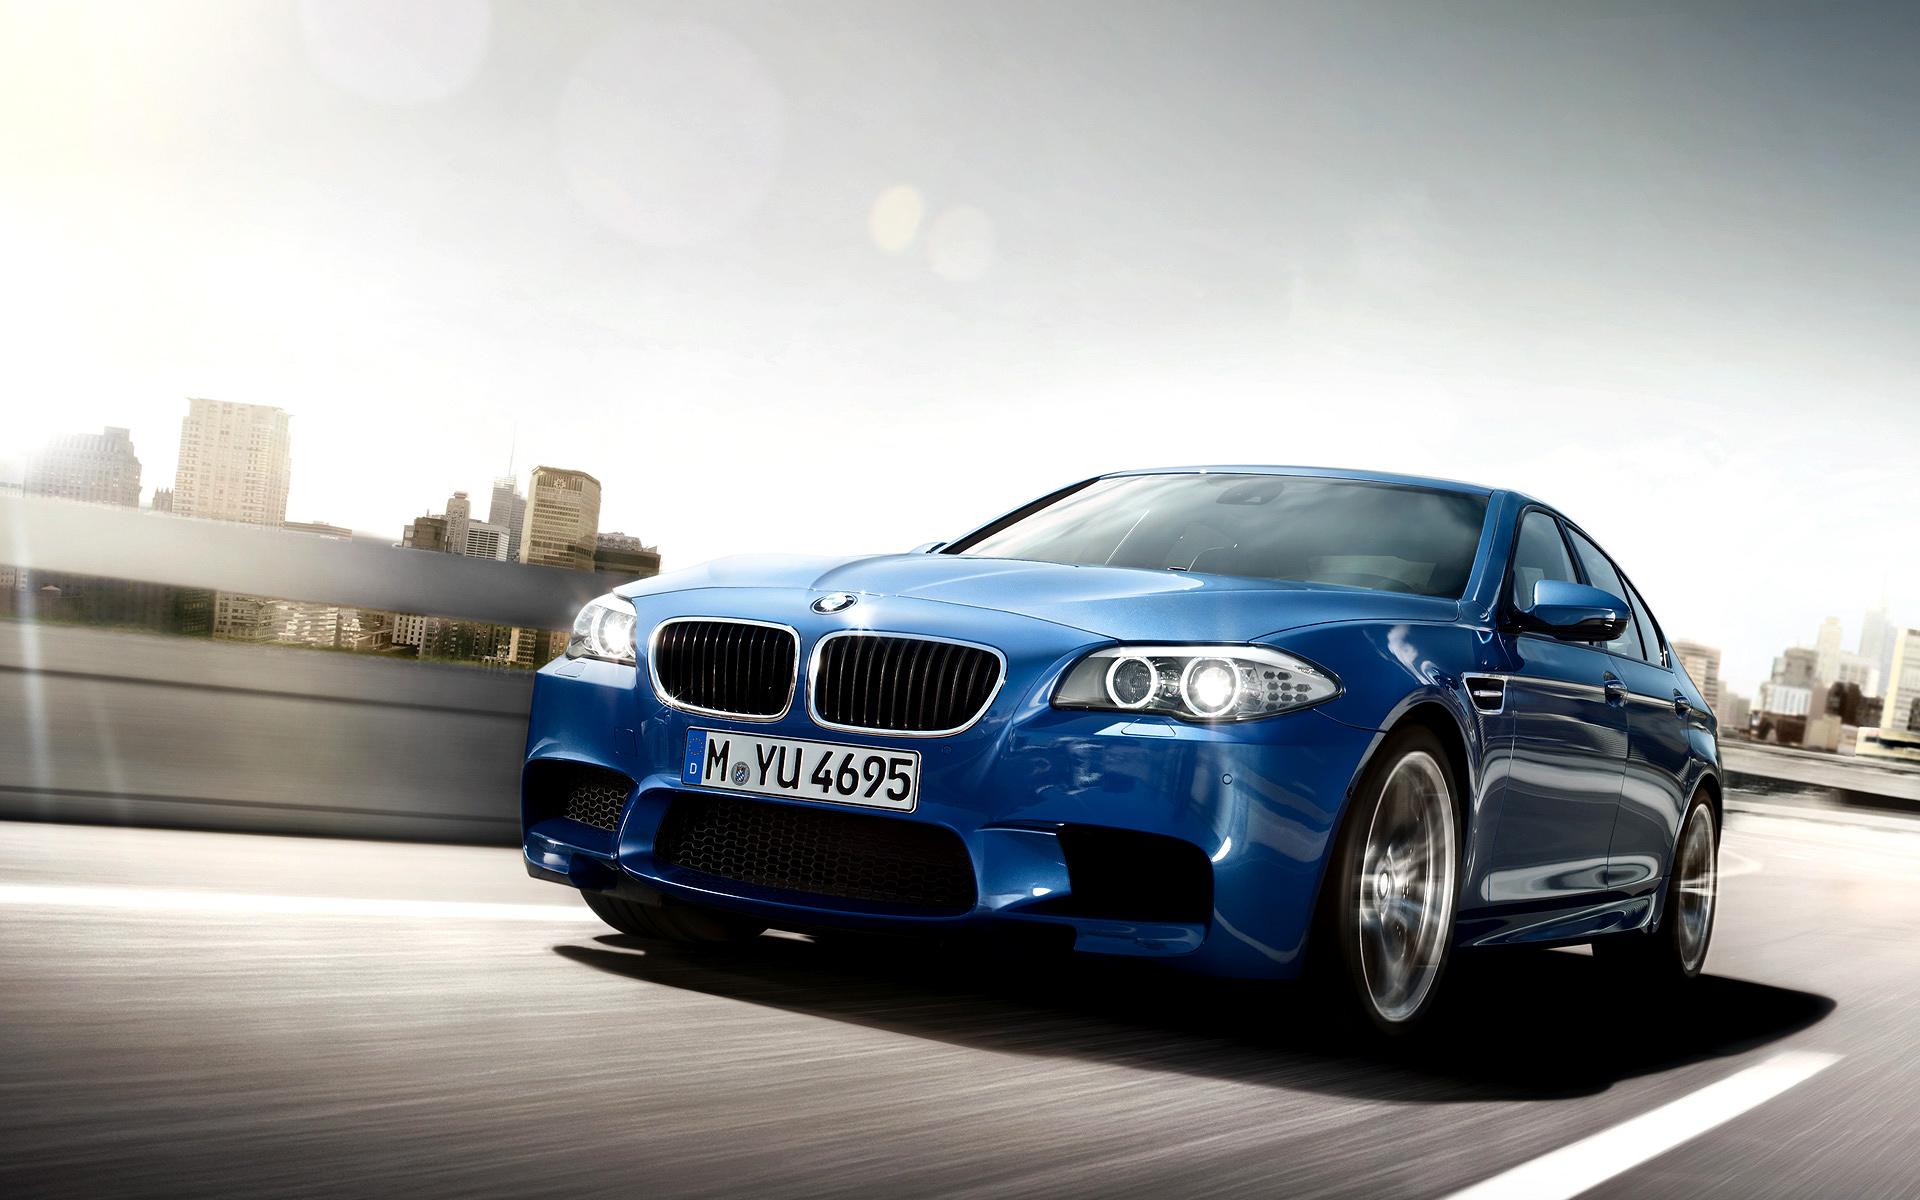 2012 BMW F10 M5 Wallpaper HD Car Wallpapers 1920x1200